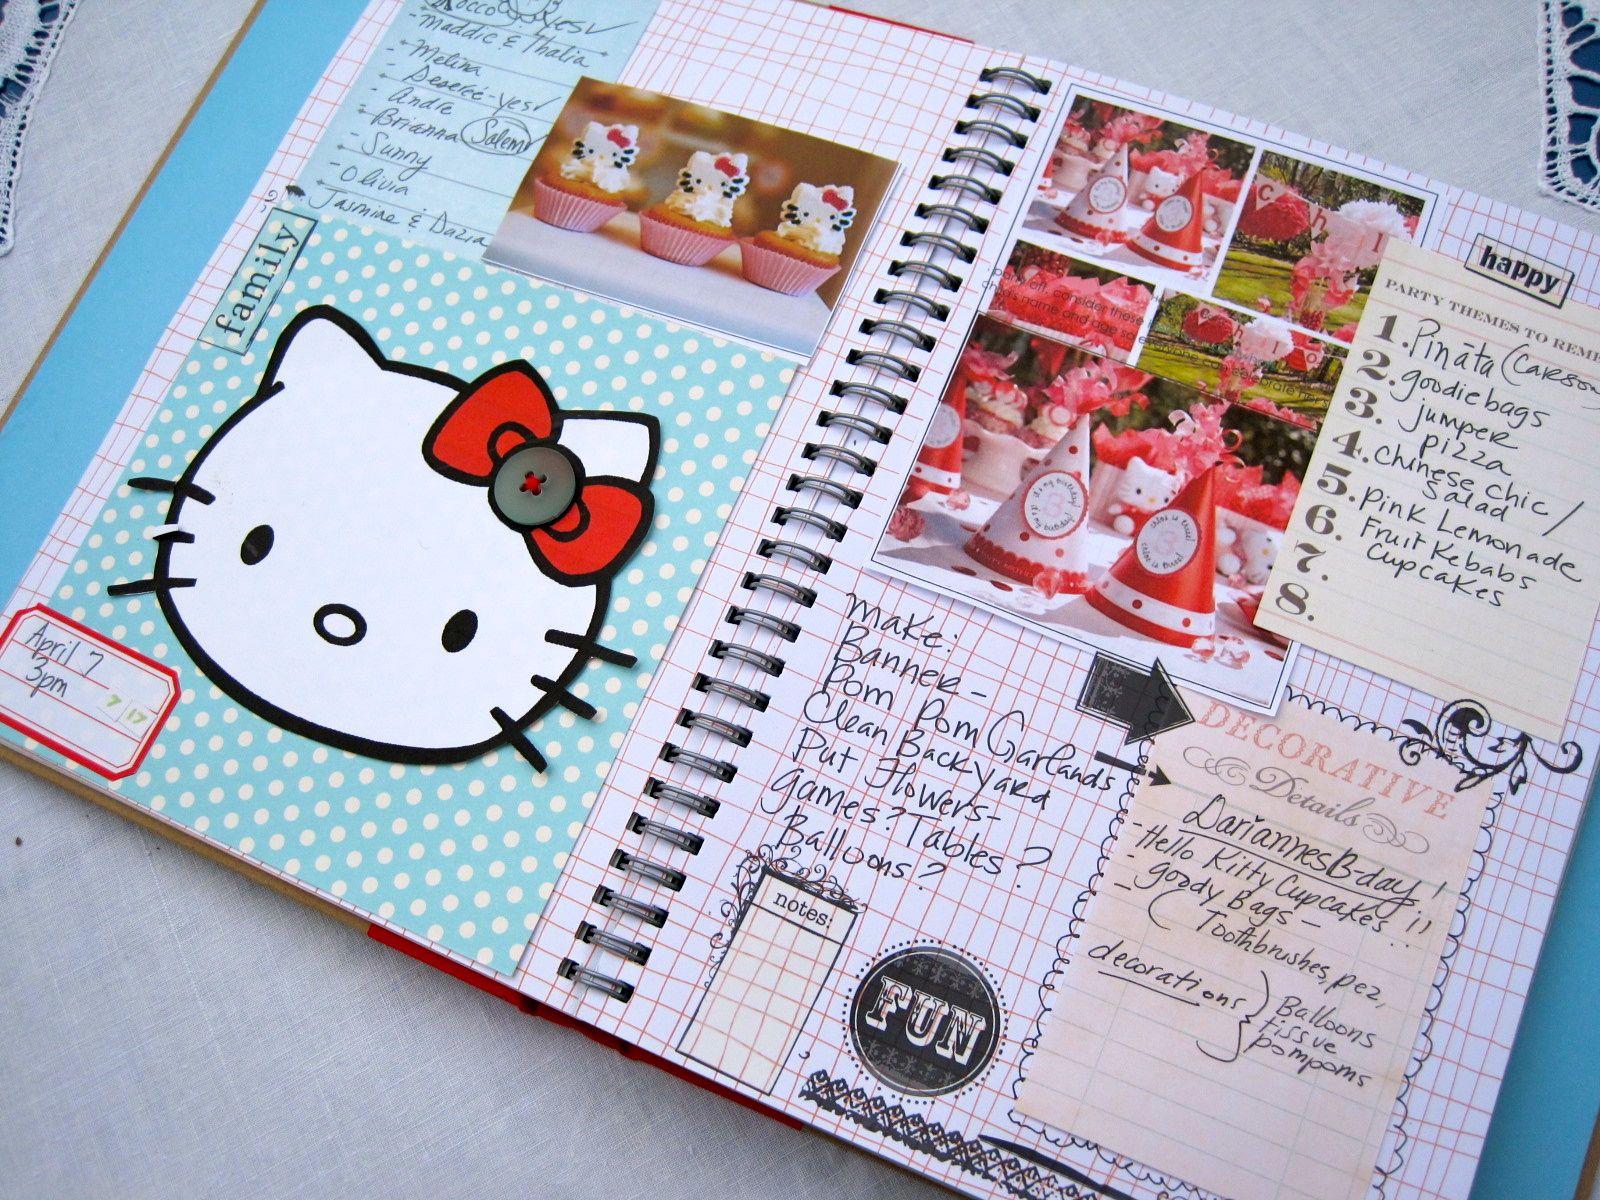 Hello kitty scrapbook ideas - Party1